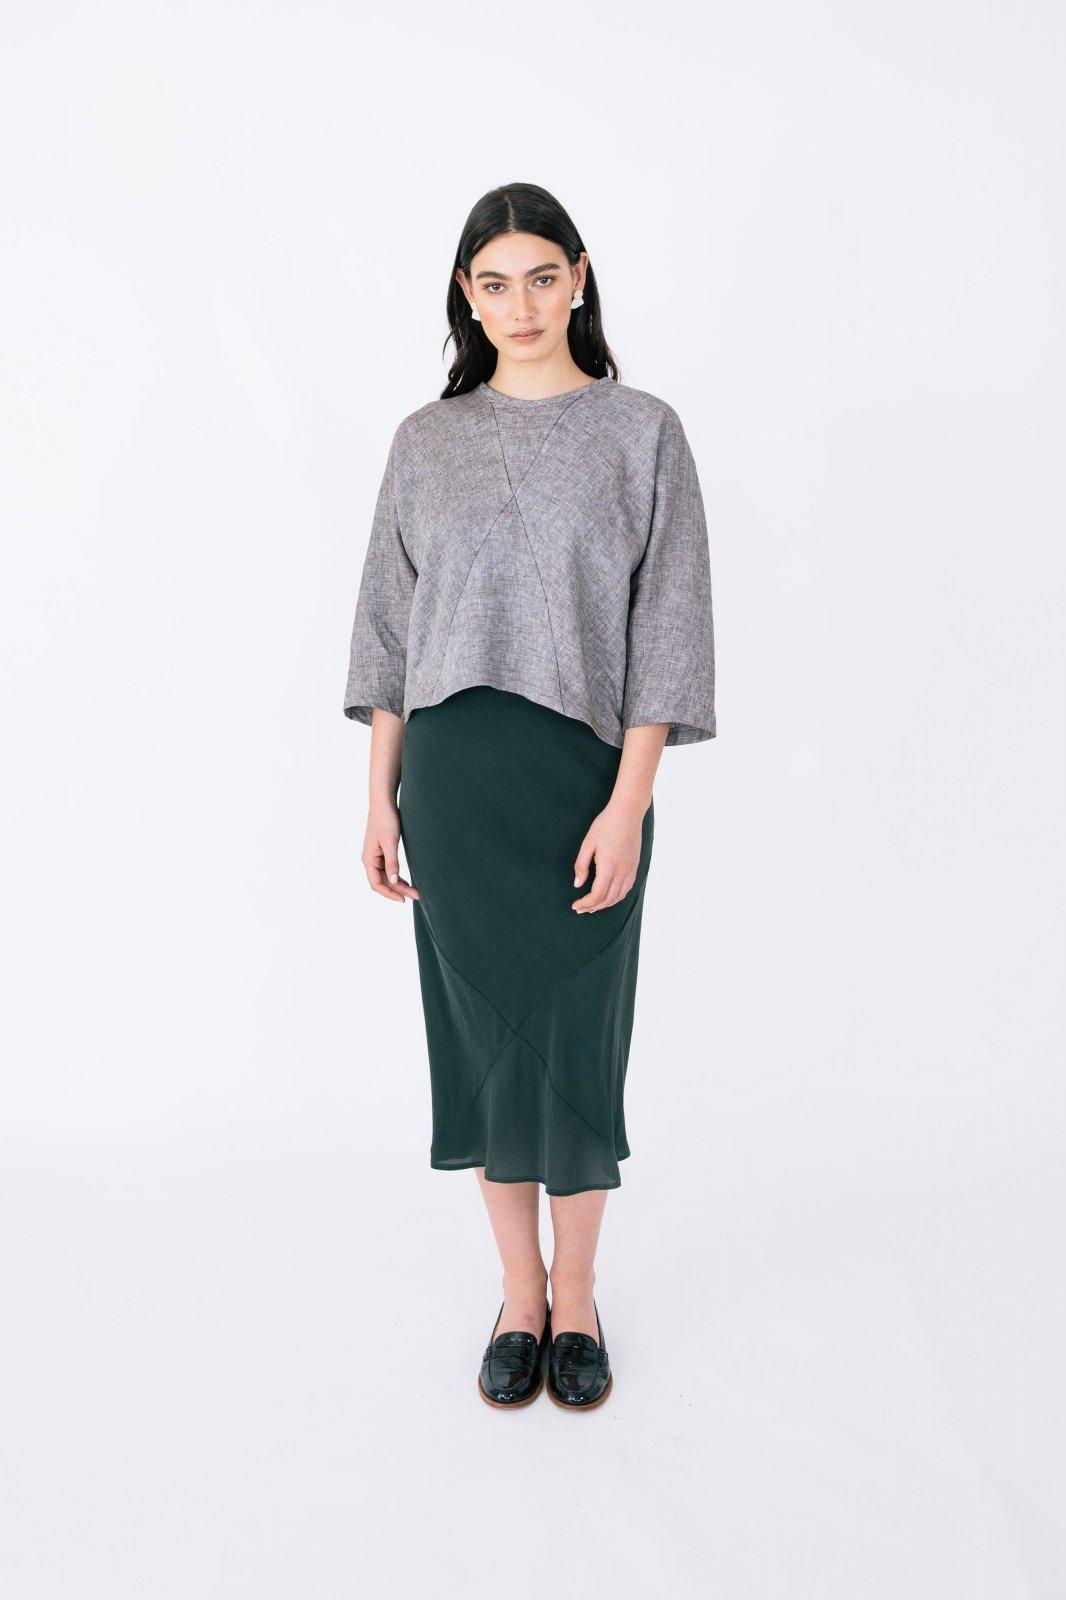 Pinnacle Top/Sweater - Papercut